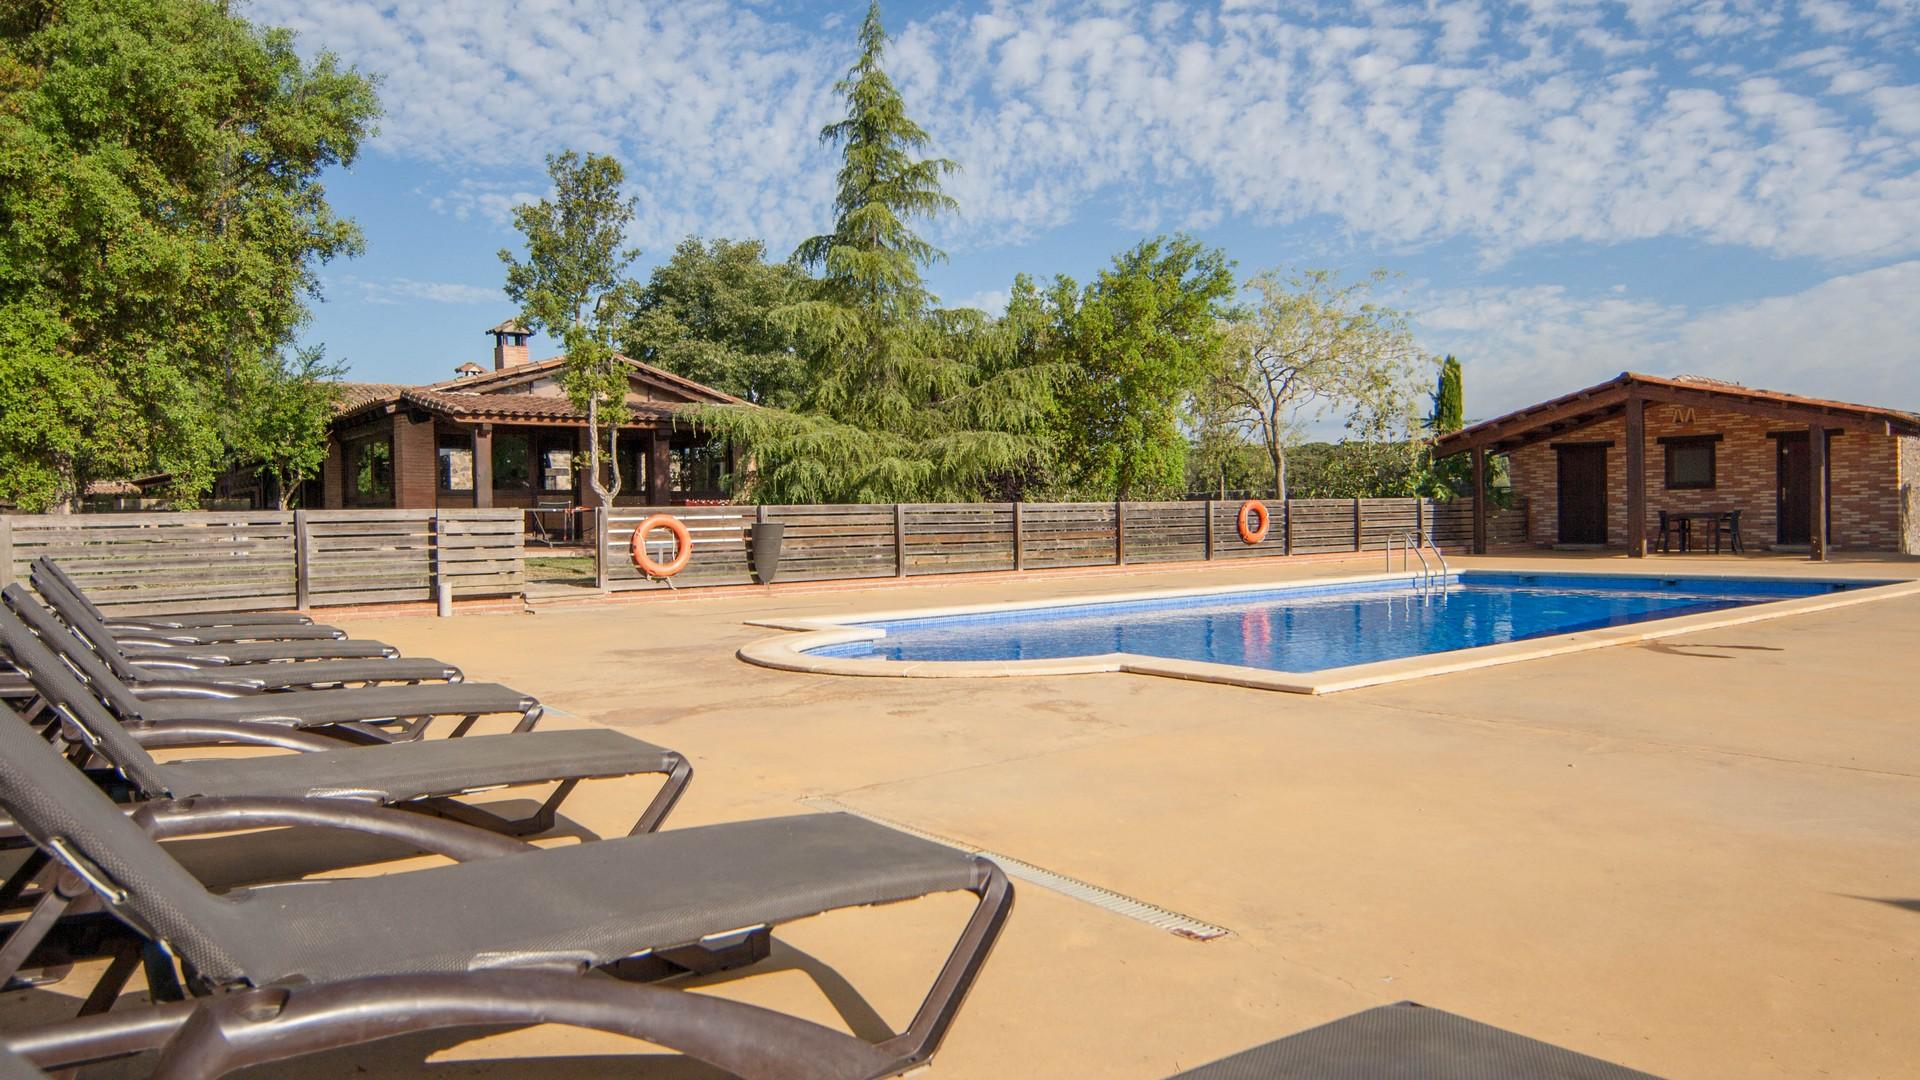 Galer a de fotos de villa mas estrada exterior for Casa rural girona piscina